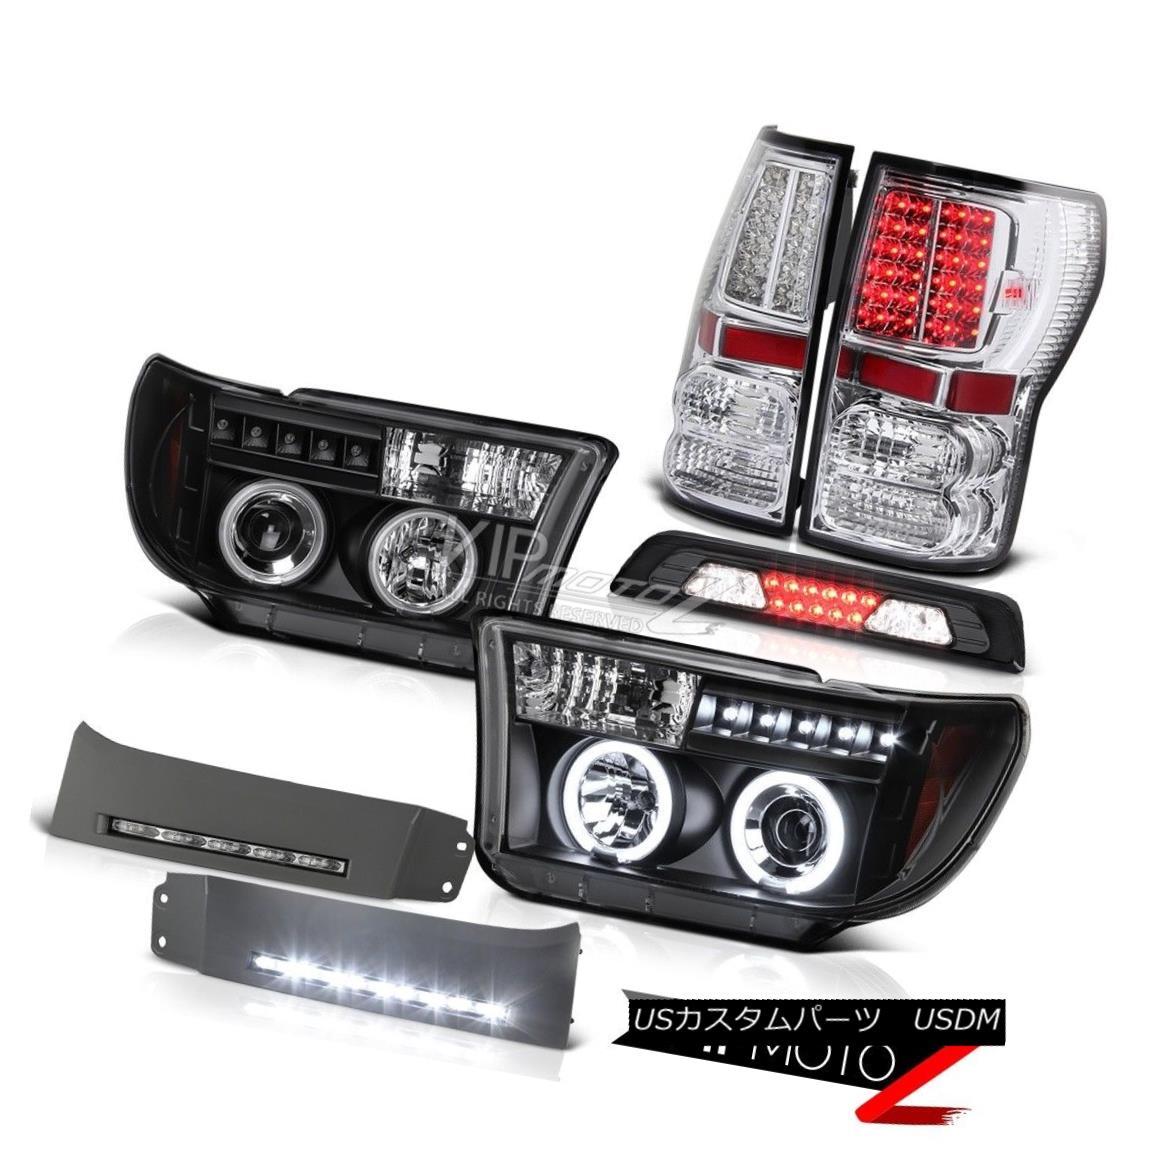 テールライト 2007-2013 Toyota Tundra Limited DRL Strip 3RD Brake Light Tail Lights Headlamps 2007-2013トヨタ・トンドラ限定DRLストリップ3RDブレーキライトテールライトヘッドランプ